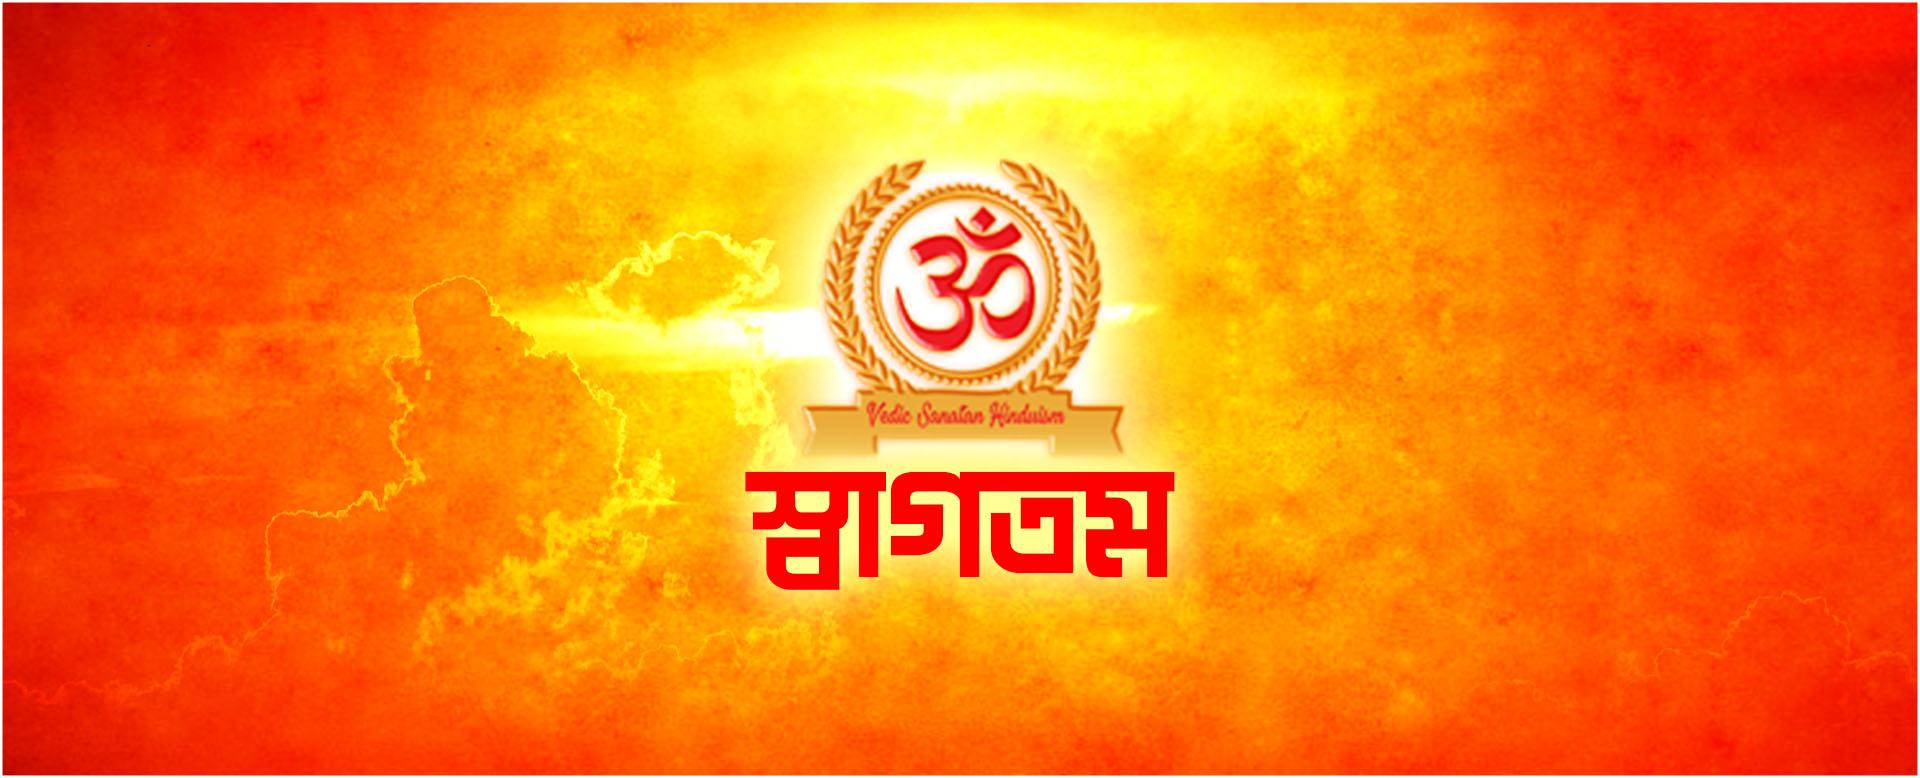 বৈদিক সনাতন হিন্দুত্ববাদ, Vedic Sanatan Hinduism